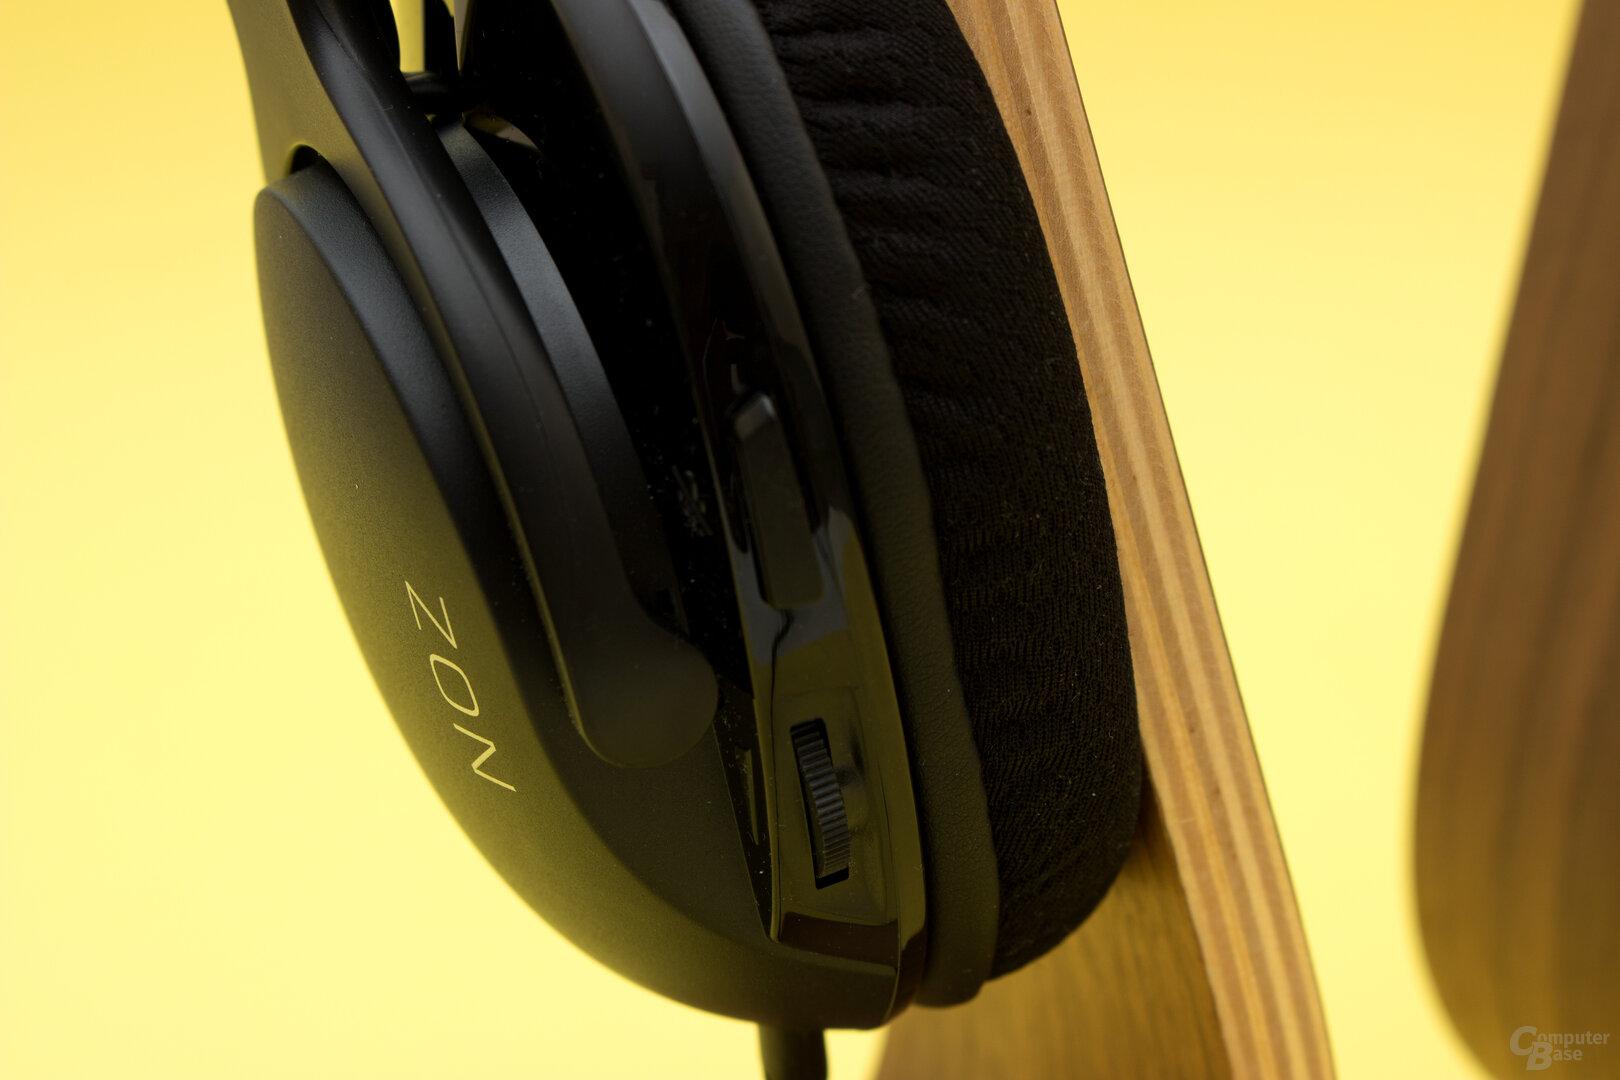 Lautstärkeregler und Mikrofonstummschaltung als einzige Bedienelemente beim Roccat Noz